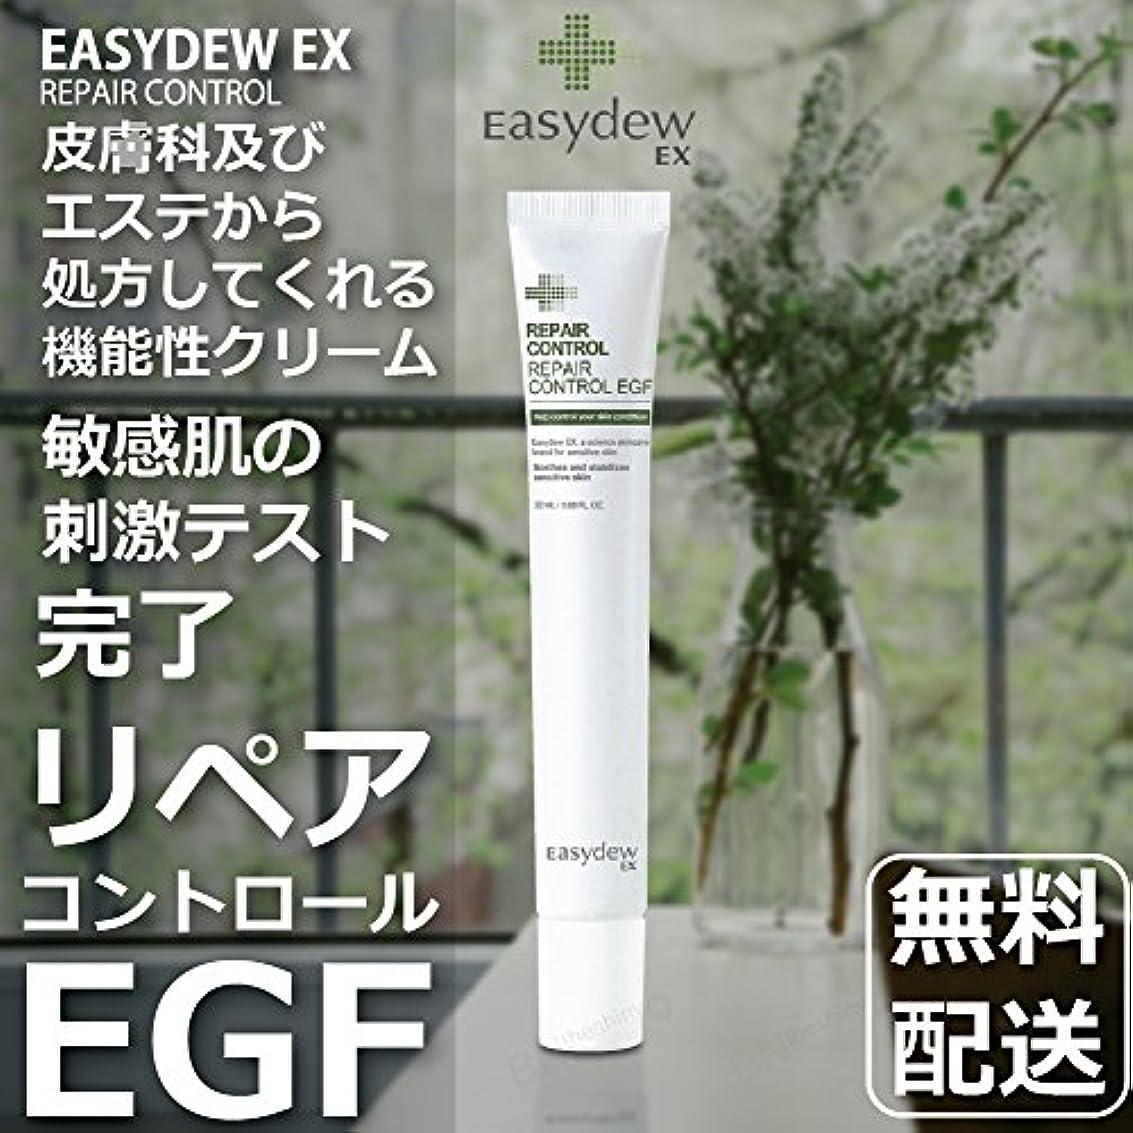 ペース欠如均等にデウン製薬 リペア コントロール EGF 20ml. Repair Control EGF 20ml.